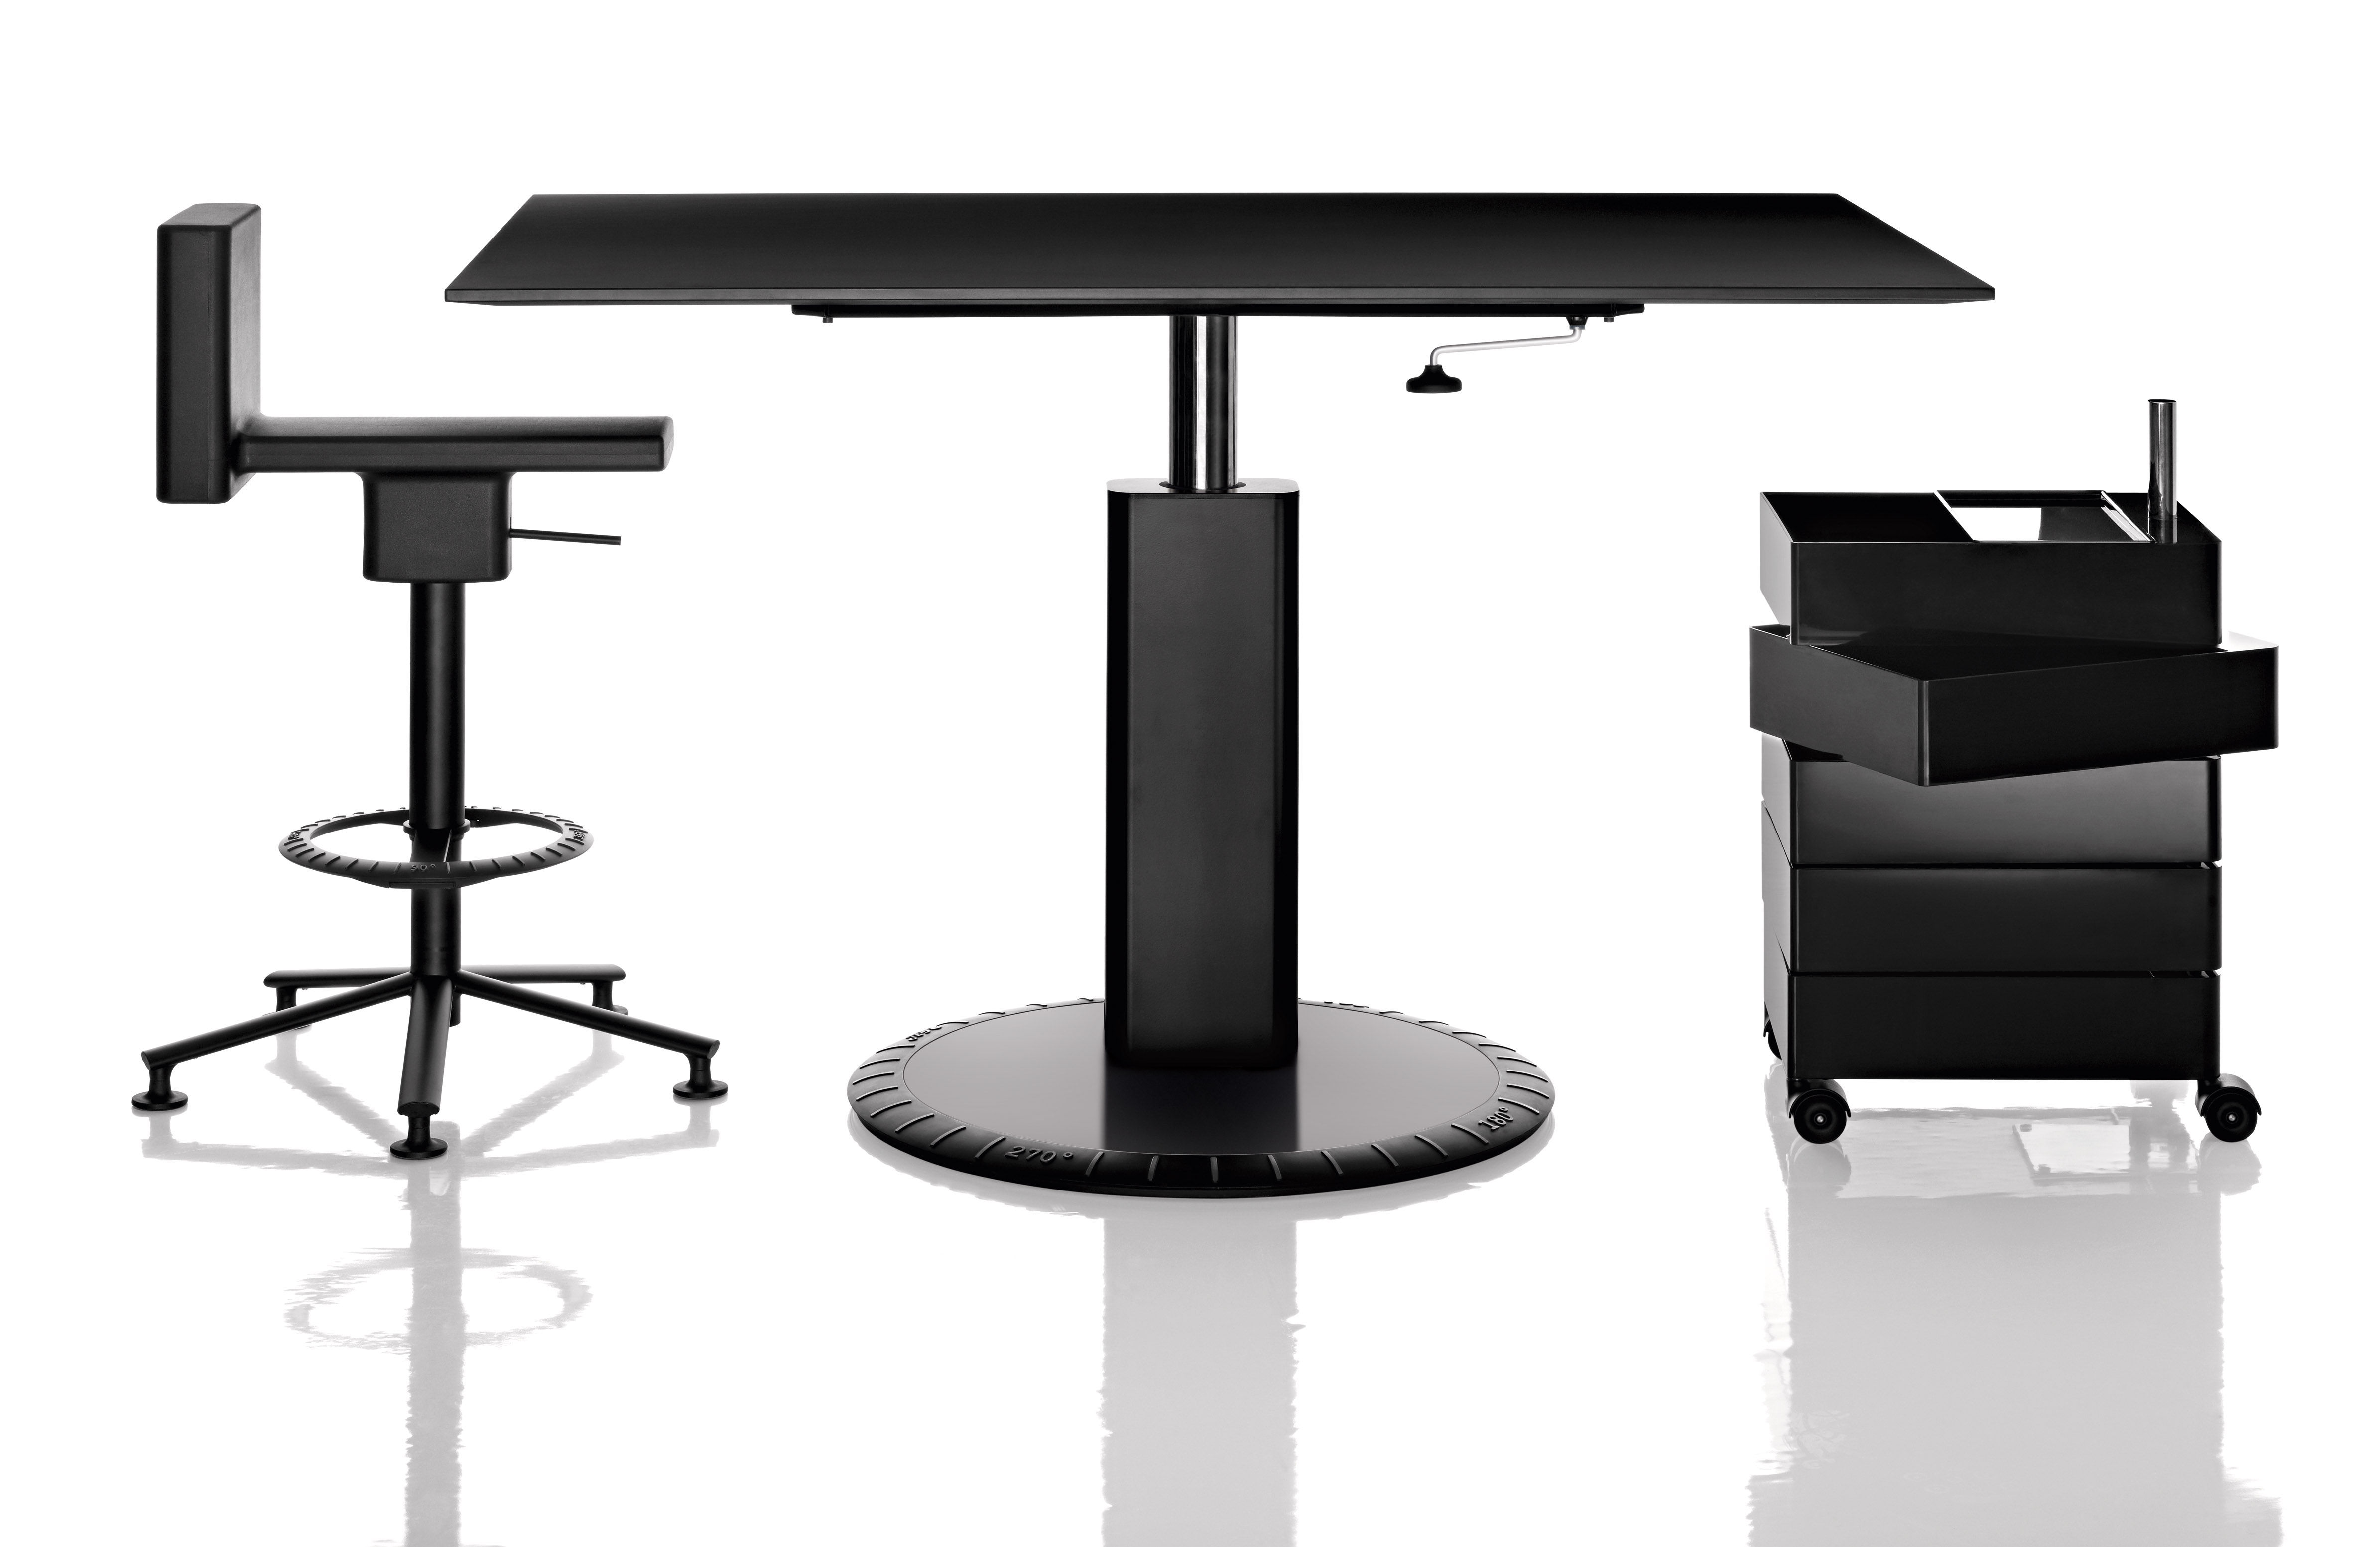 caisson roulettes 360 magis gris brillant l 32 x h. Black Bedroom Furniture Sets. Home Design Ideas